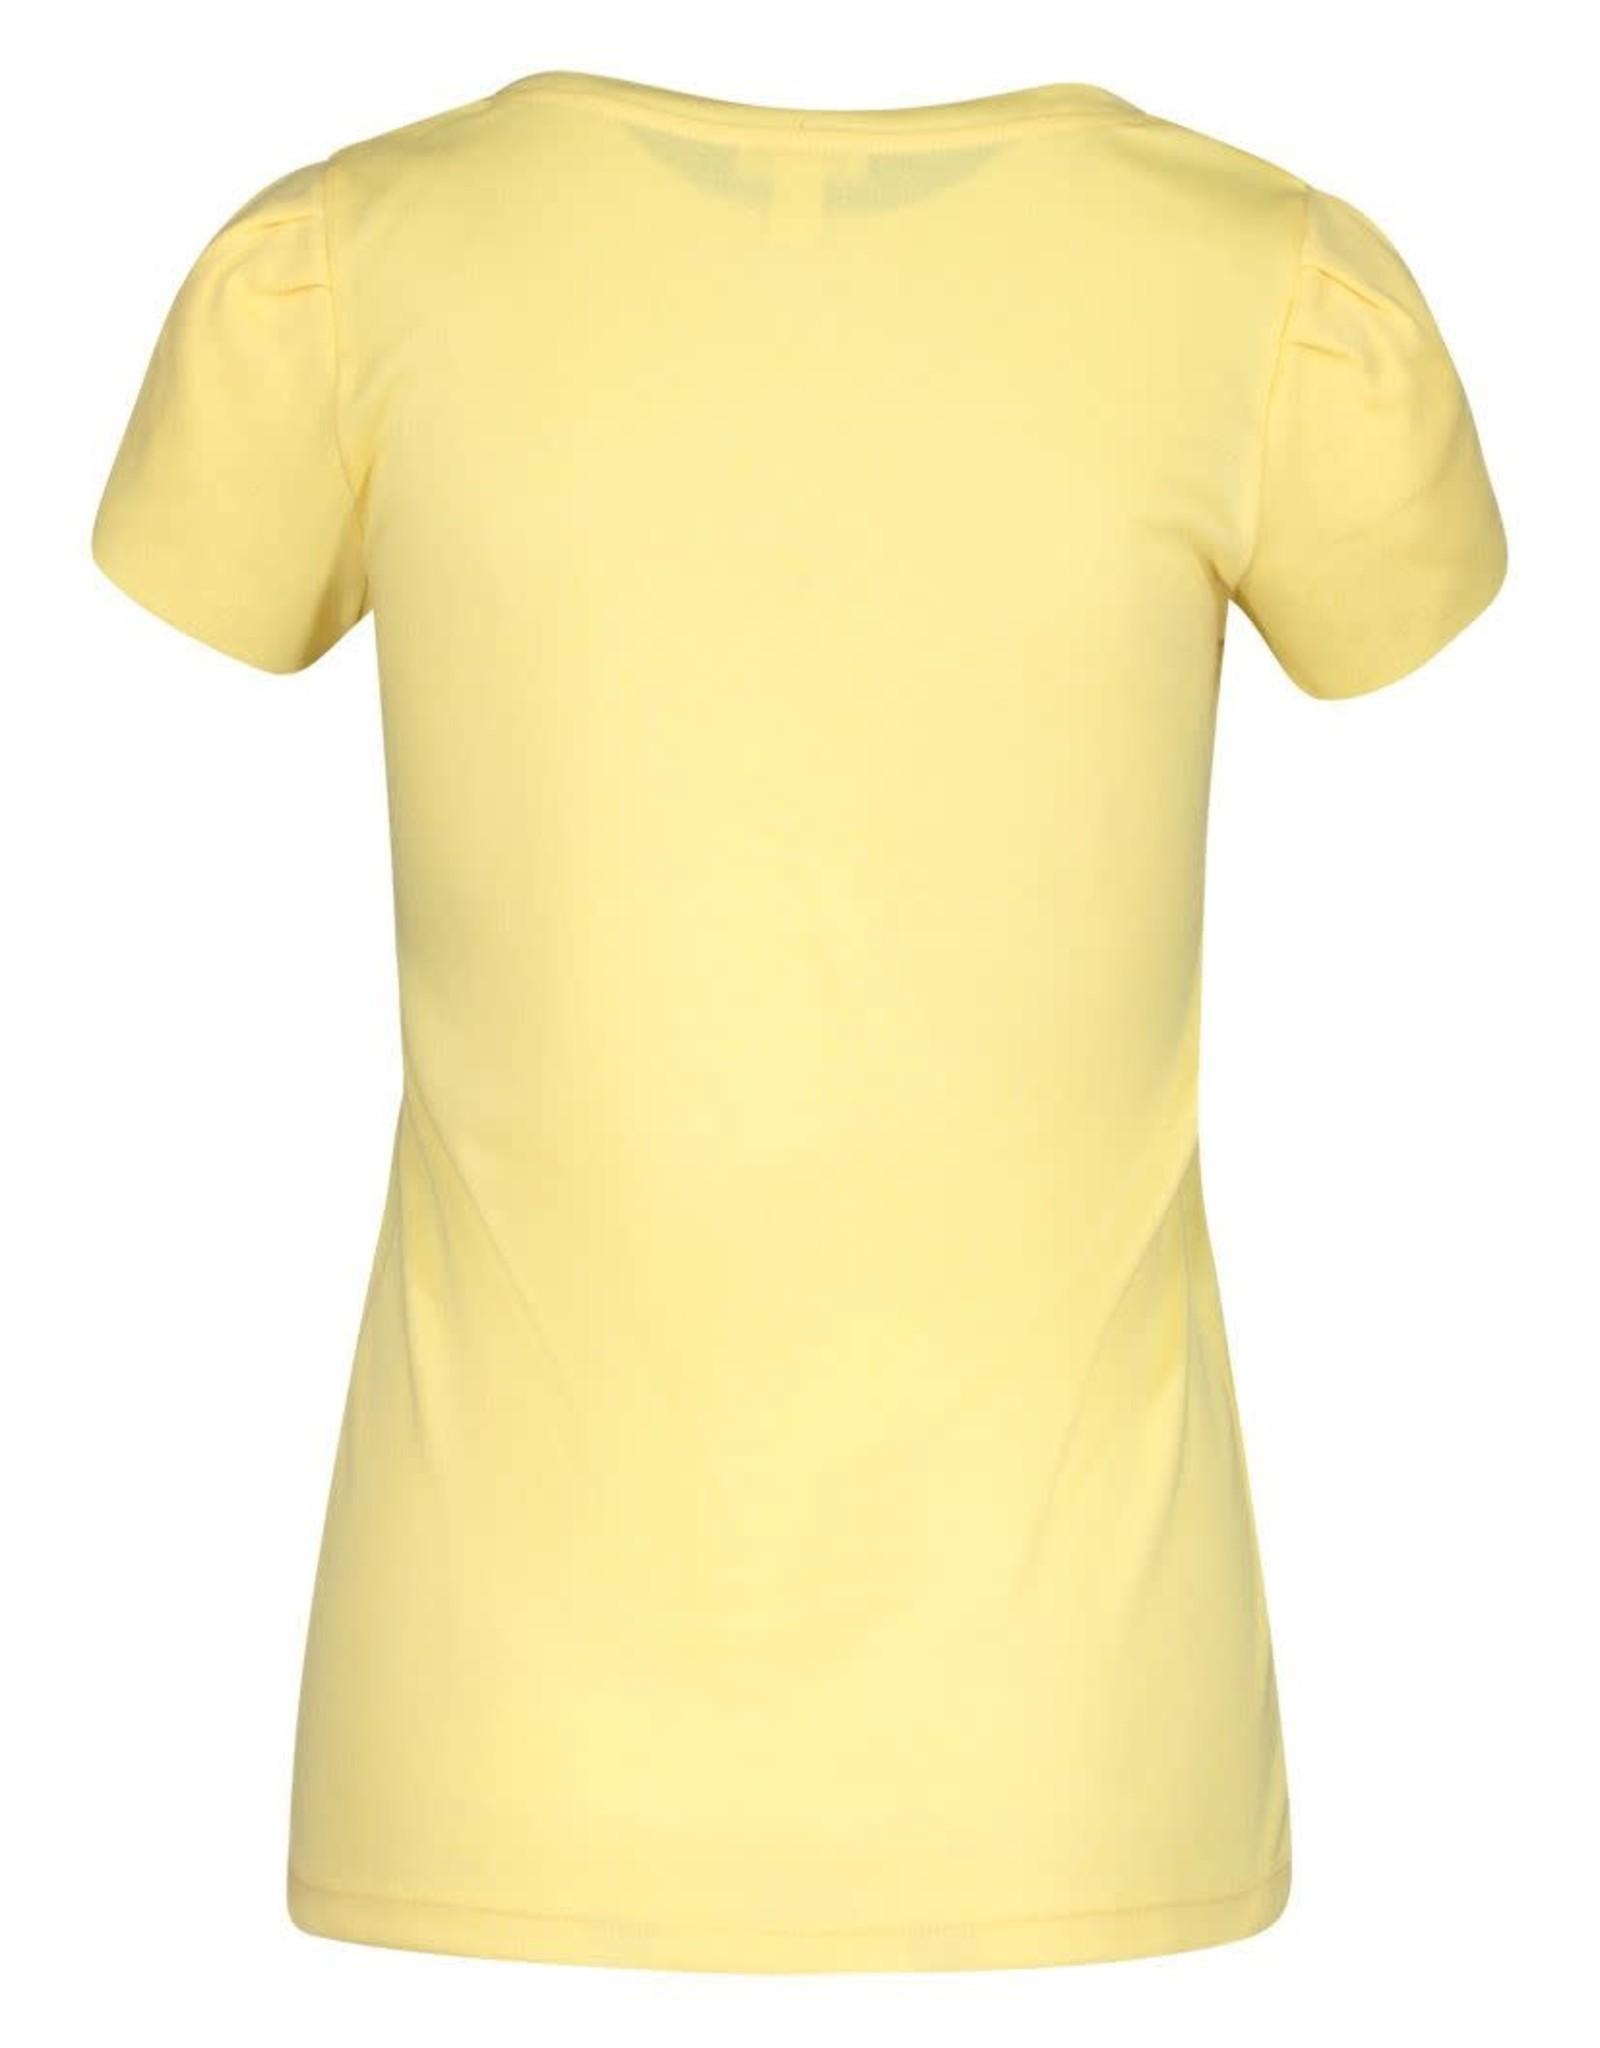 Tribal Yellow Henley Top w/Tulip Sleeve